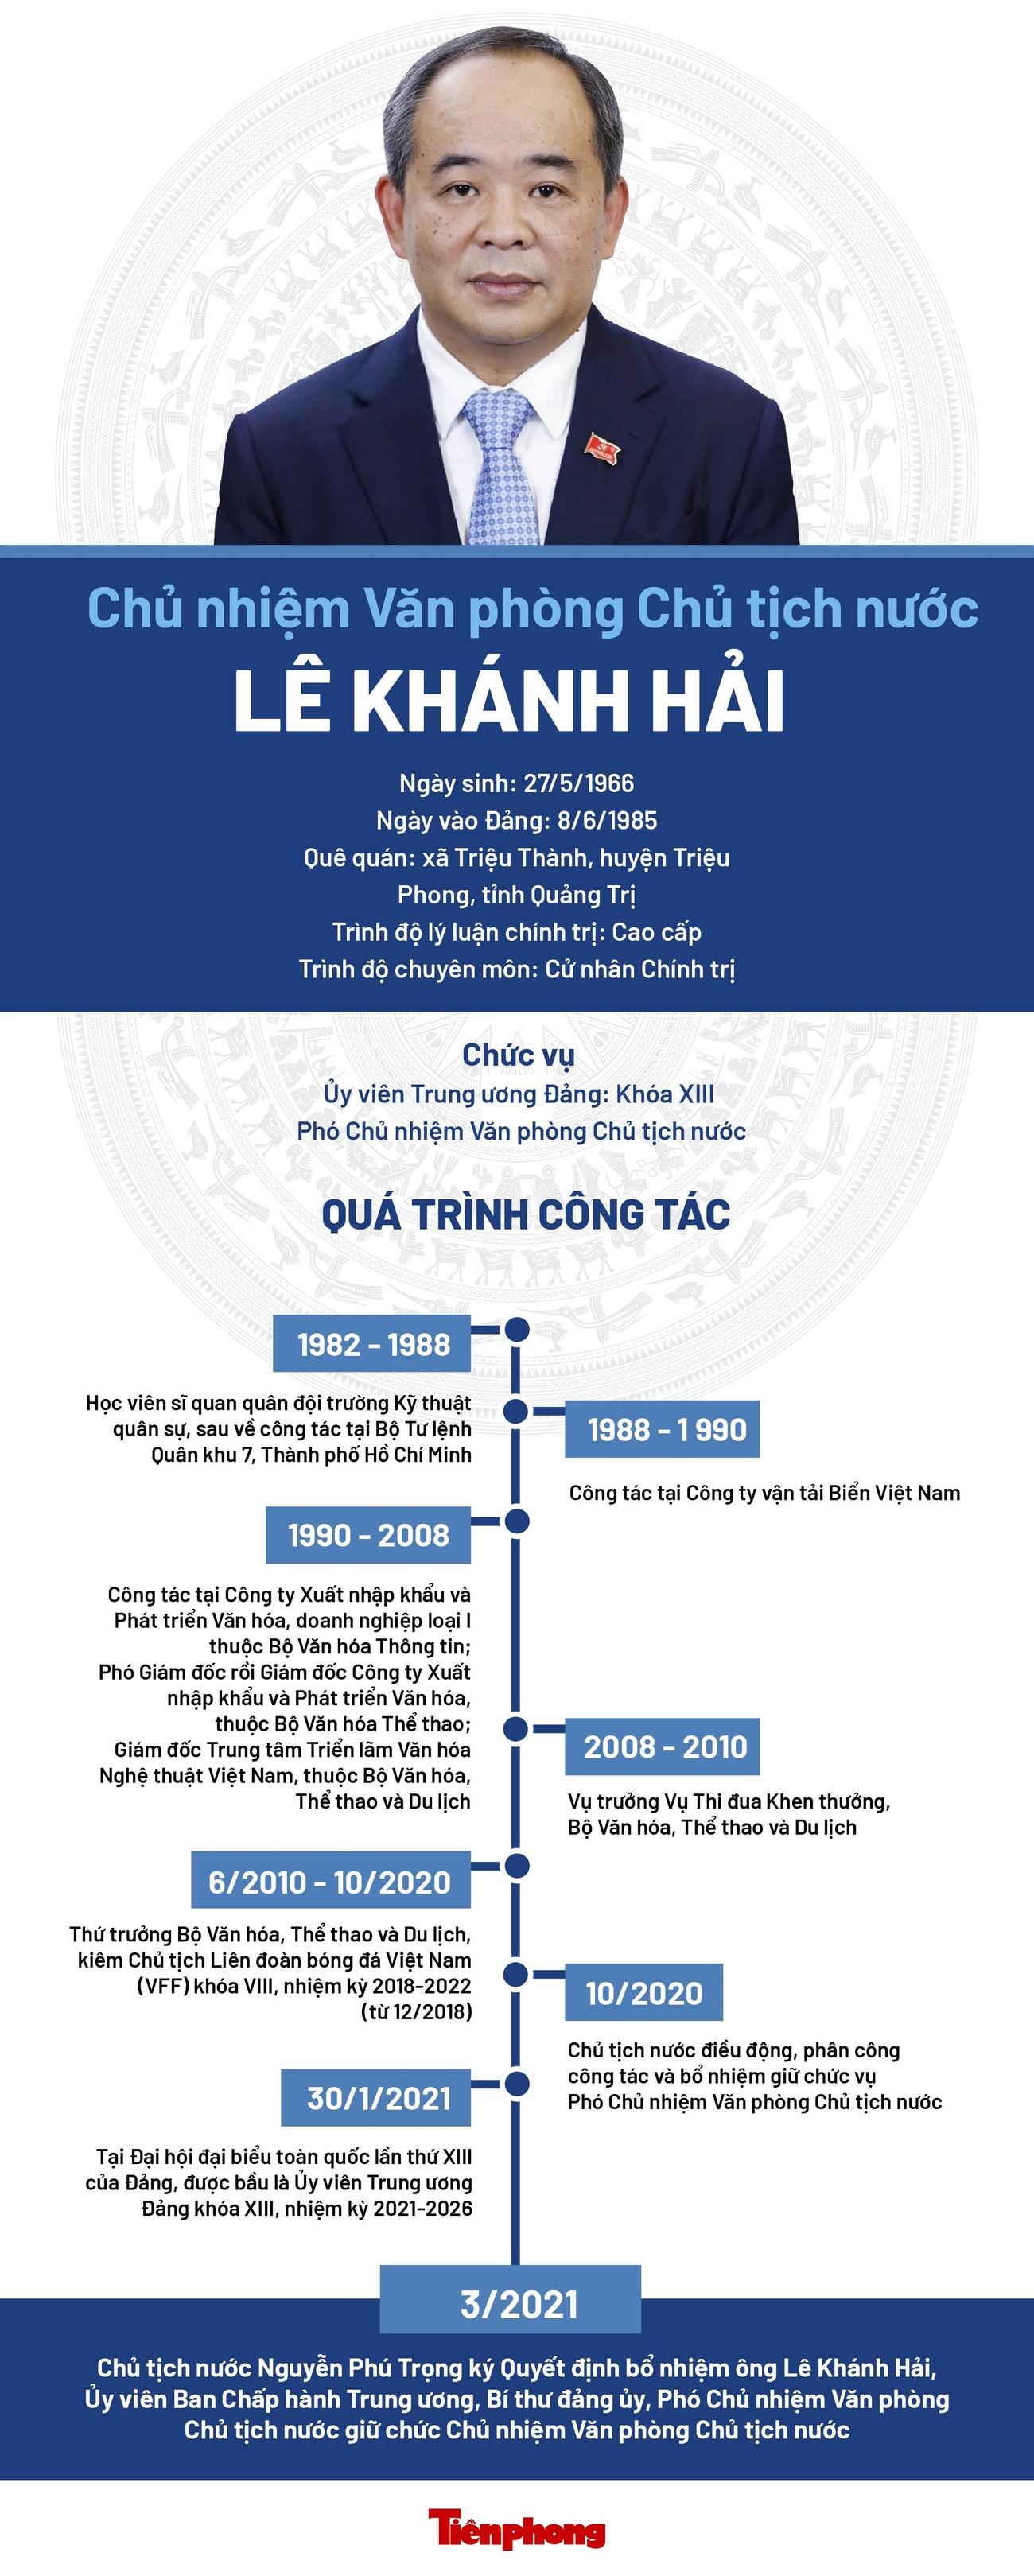 Chân dung Chủ nhiệm Văn phòng Chủ tịch nước Lê Khánh Hải ảnh 1